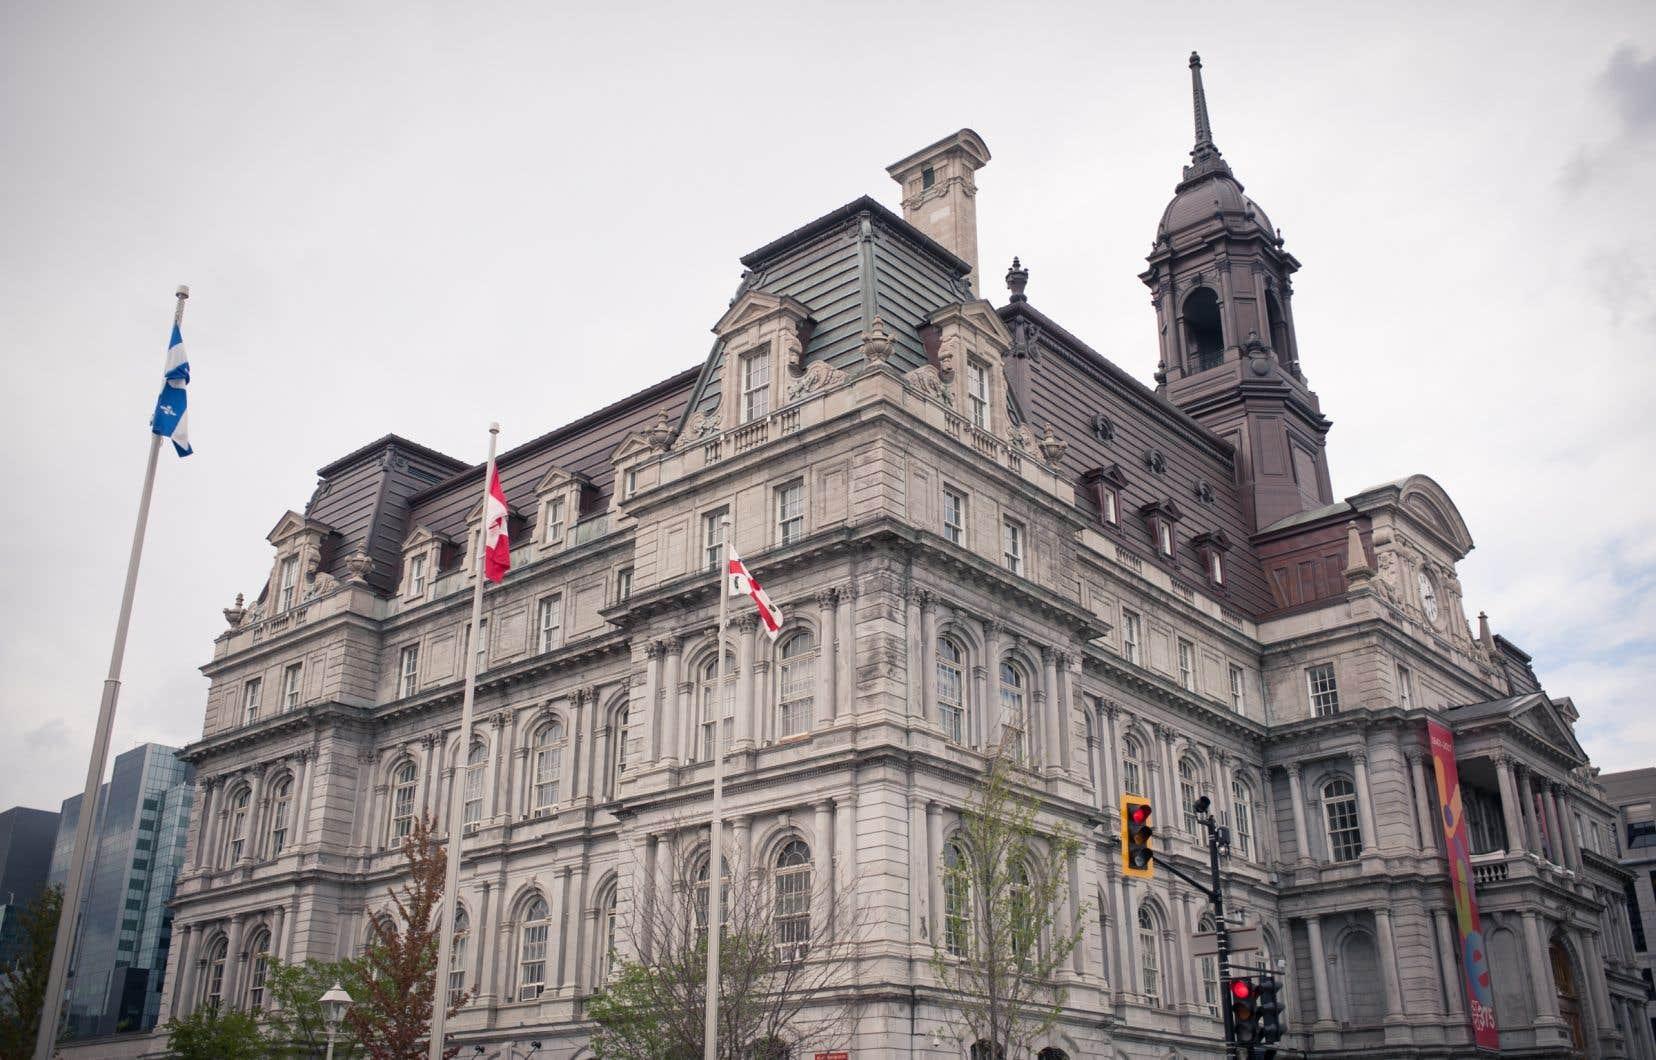 Le Programme de remboursement volontaire (PRV), mis en place par le gouvernement du Québec, a permis à la Ville de Montréal de récupérer 31millions, apprenait-on plus tôt cette semaine.